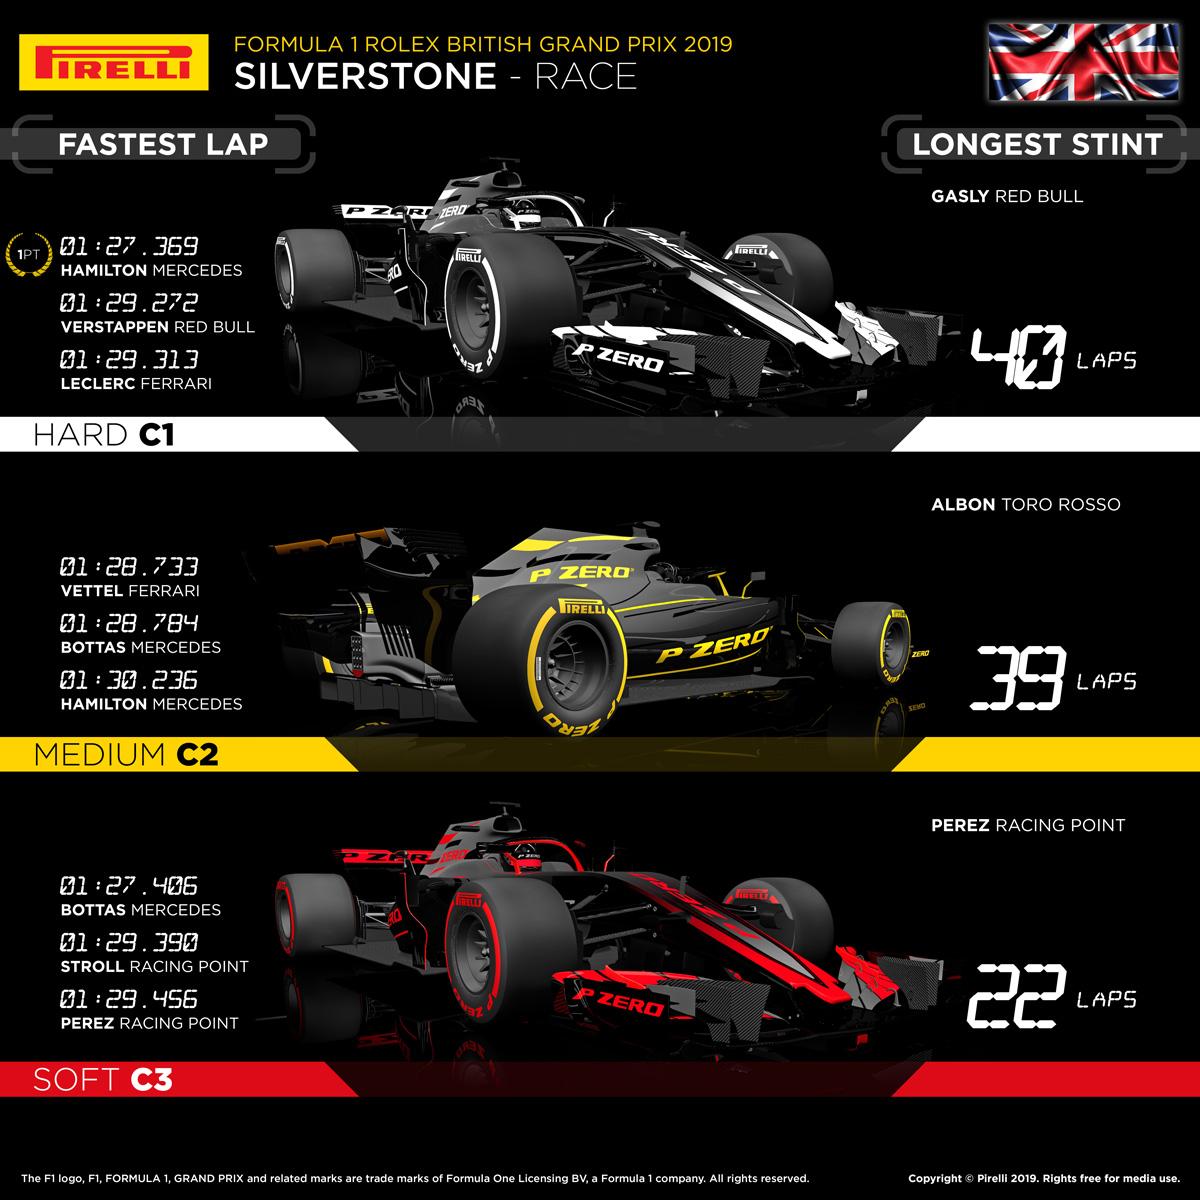 2019年 F1 イギリスグランプリ 決勝 ピレリ タイヤ戦略解説